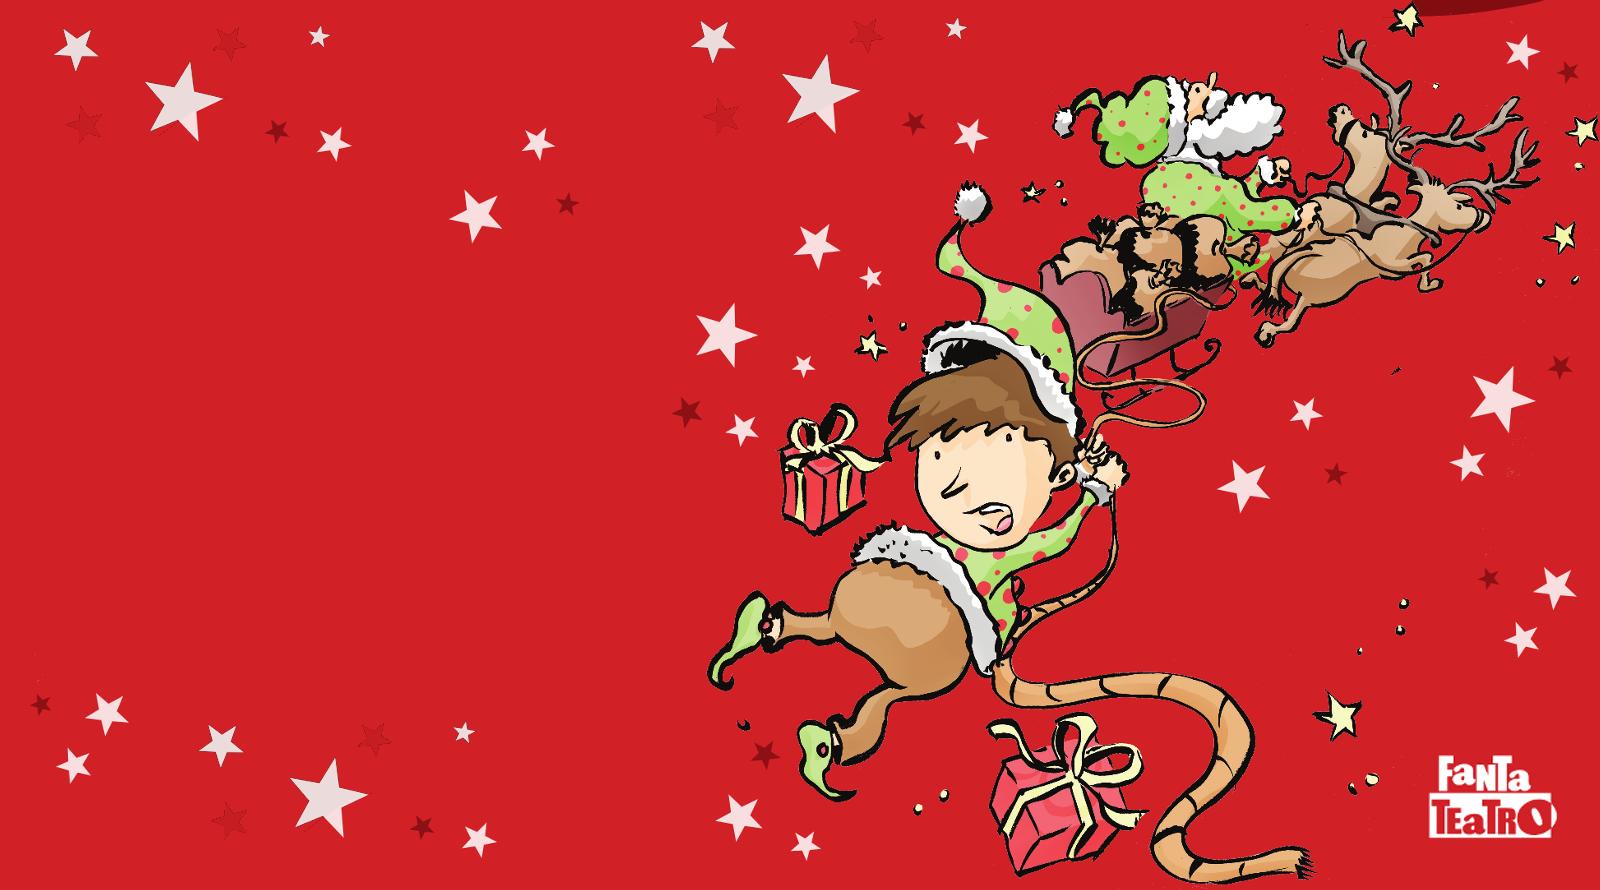 Apprendista Di Babbo Natale.L Apprendista Babbo Natale Fantateatro